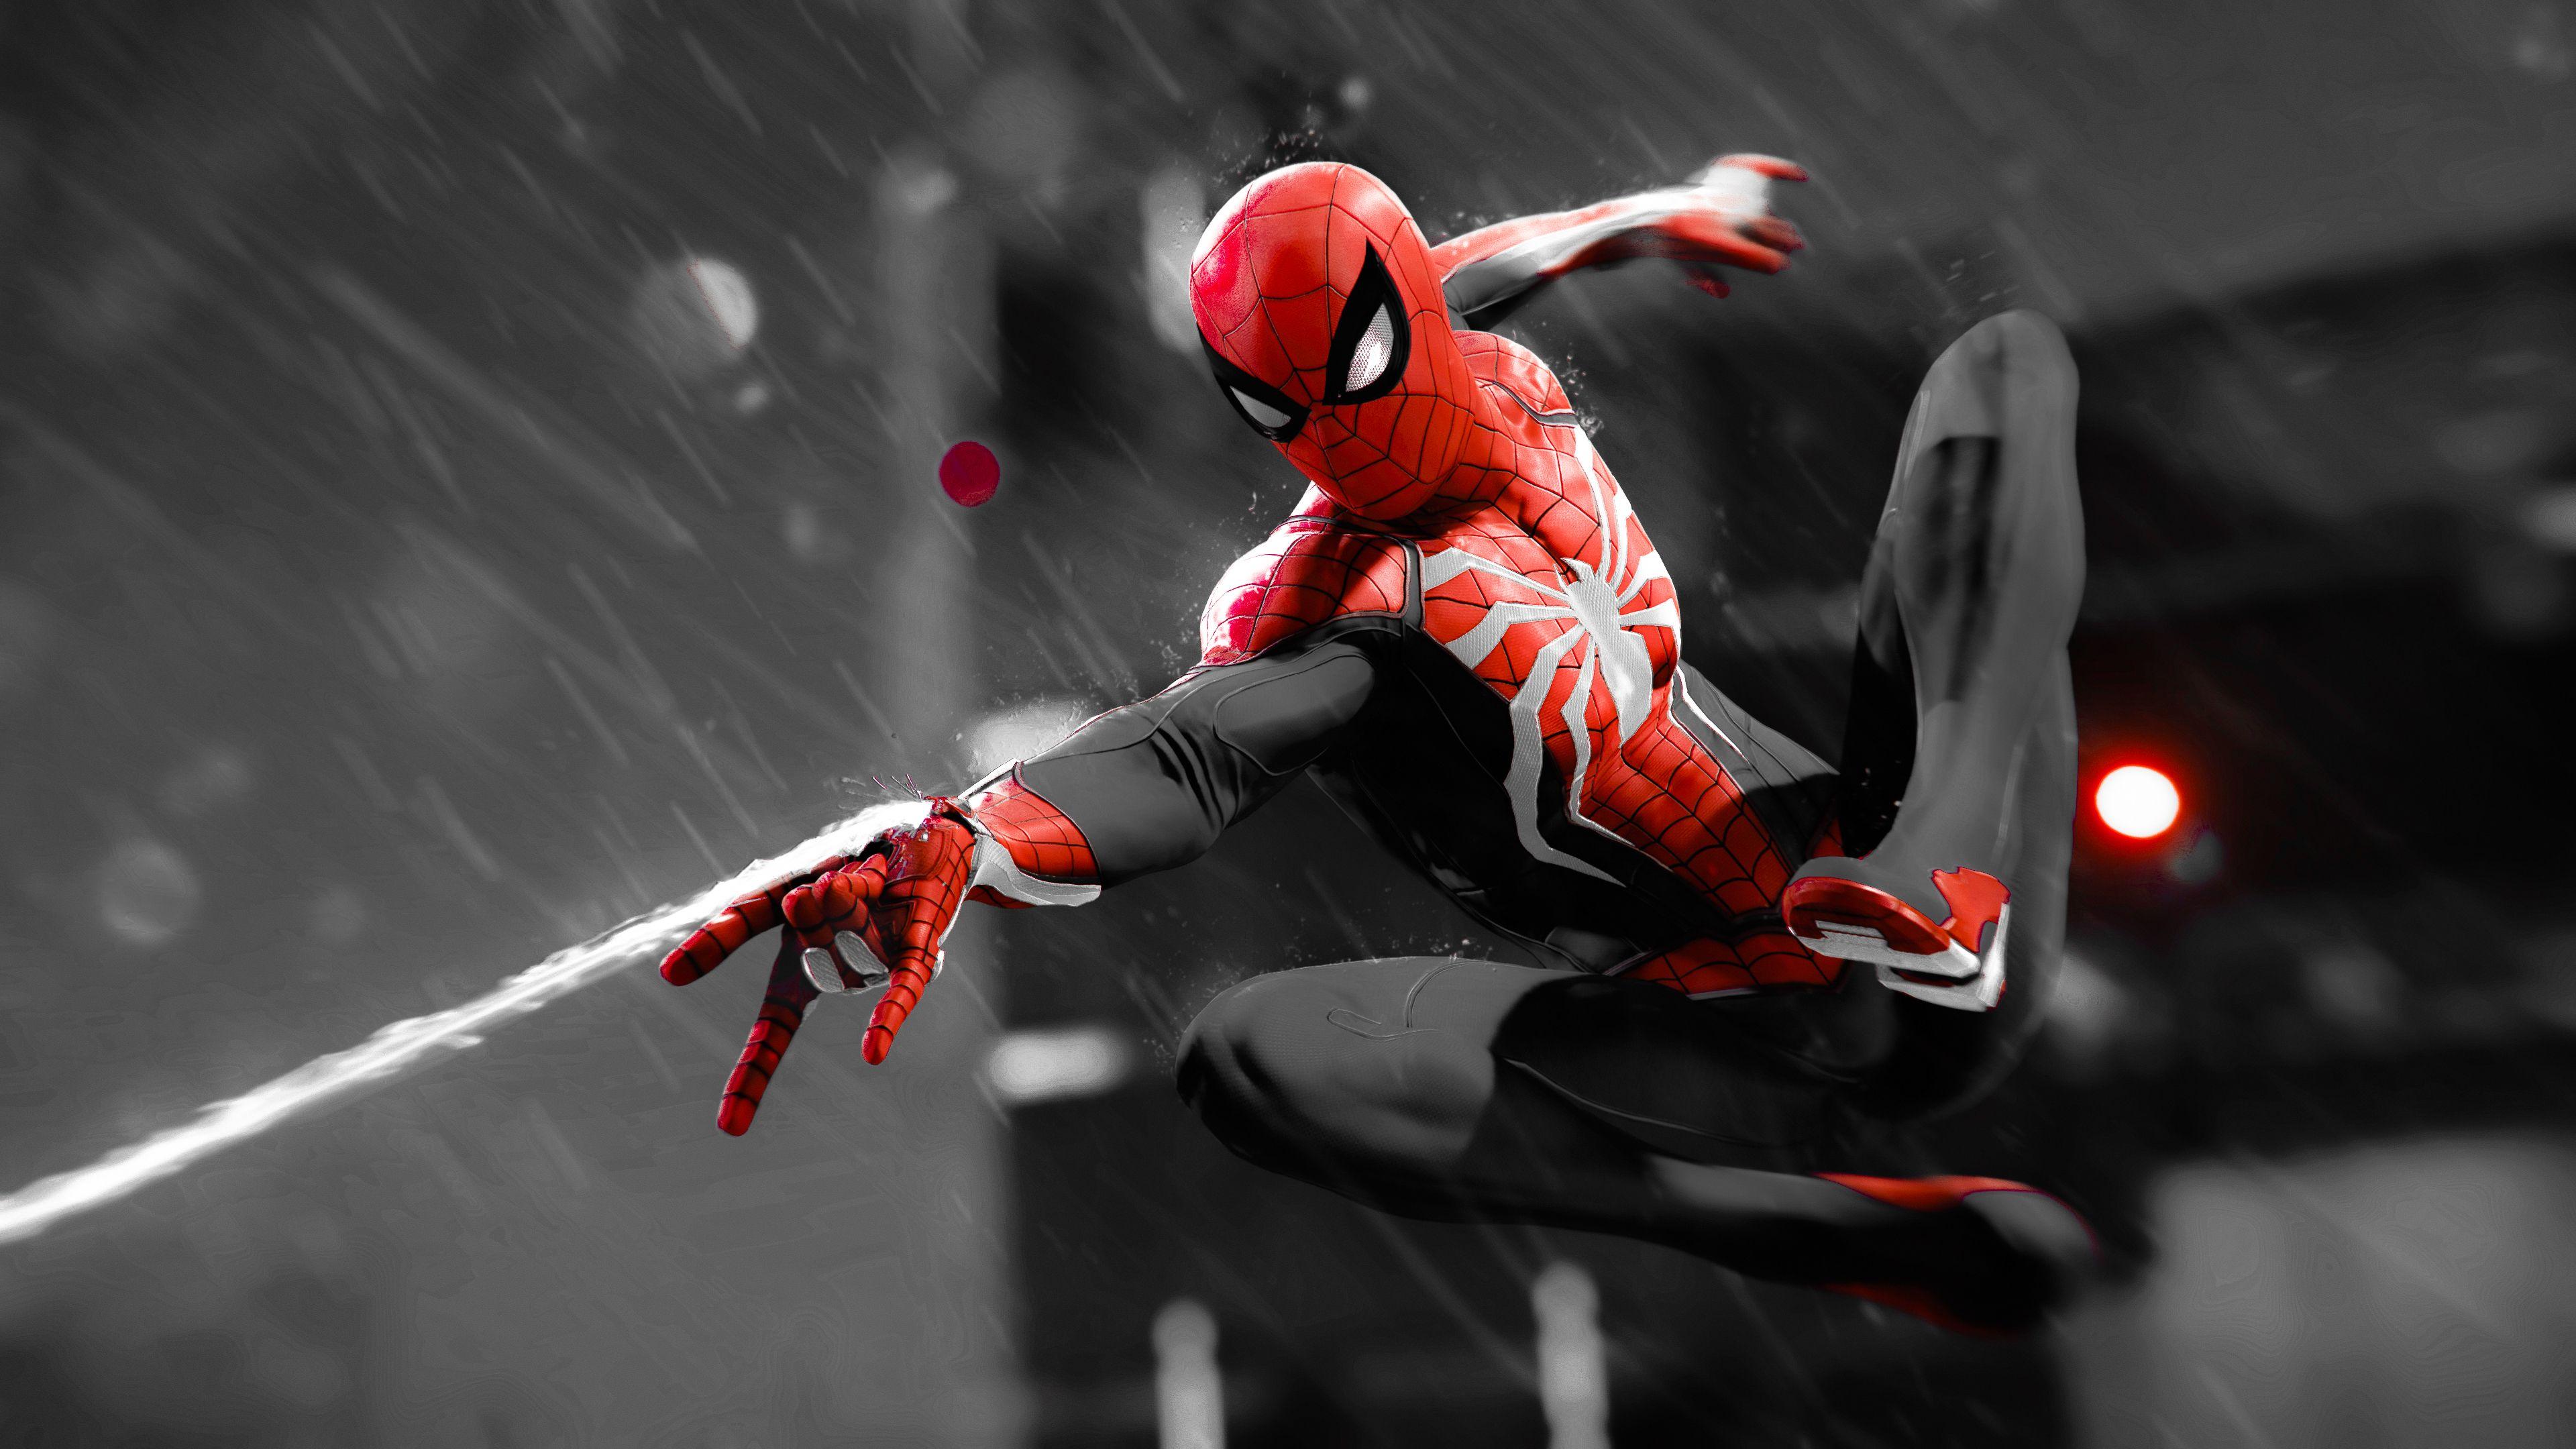 Spiderman Monochrome 4k Superheroes Wallpapers Spiderman Wallpapers Hd Wallpapers Digital Art Wallpapers Hombre Arana Comic Fotos De Spiderman Spiderman Ps4